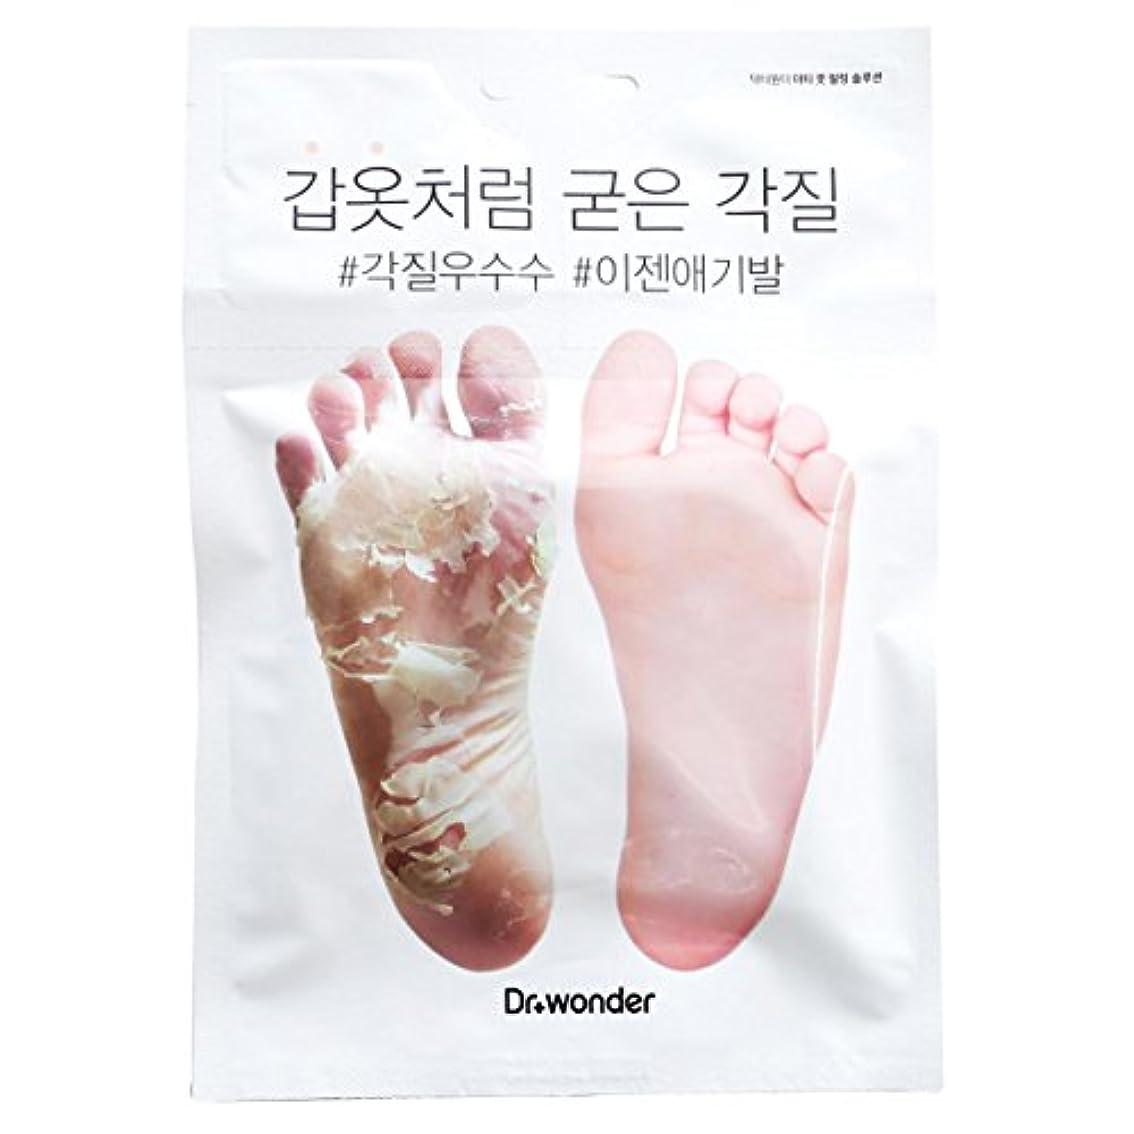 抽出ハーフ構想する[ドクターワンダー/ Dr+ wonder] Good Bye, Dirty Foot! Doctor Wonder Crocodile Foot Mask Pack / ドクターワンダーワニバルペク/鎧のような硬い角質...